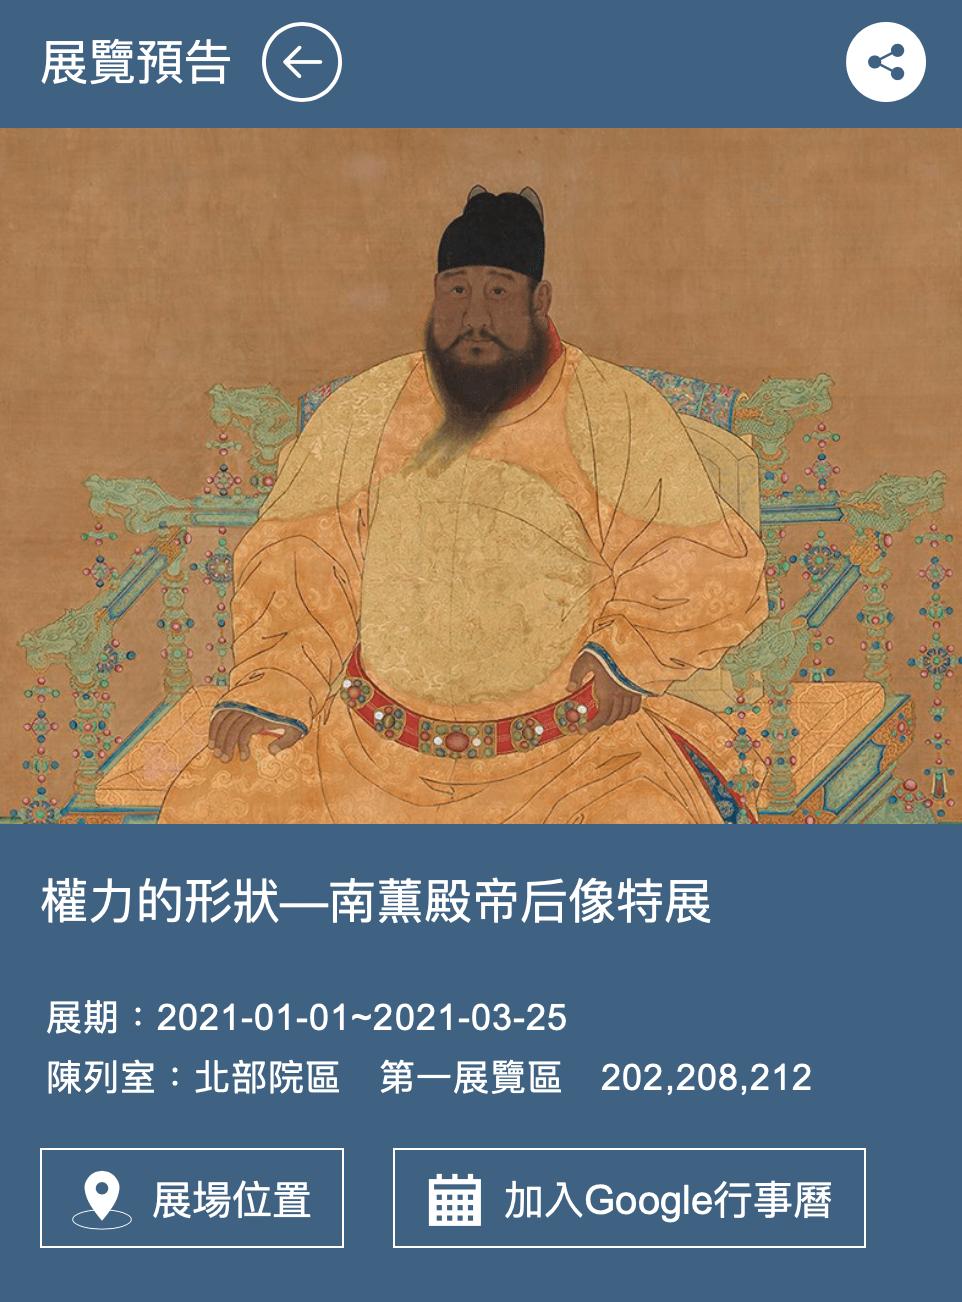 台北故宫明年看点:有南薰殿帝后像,也有北宋山水巨作